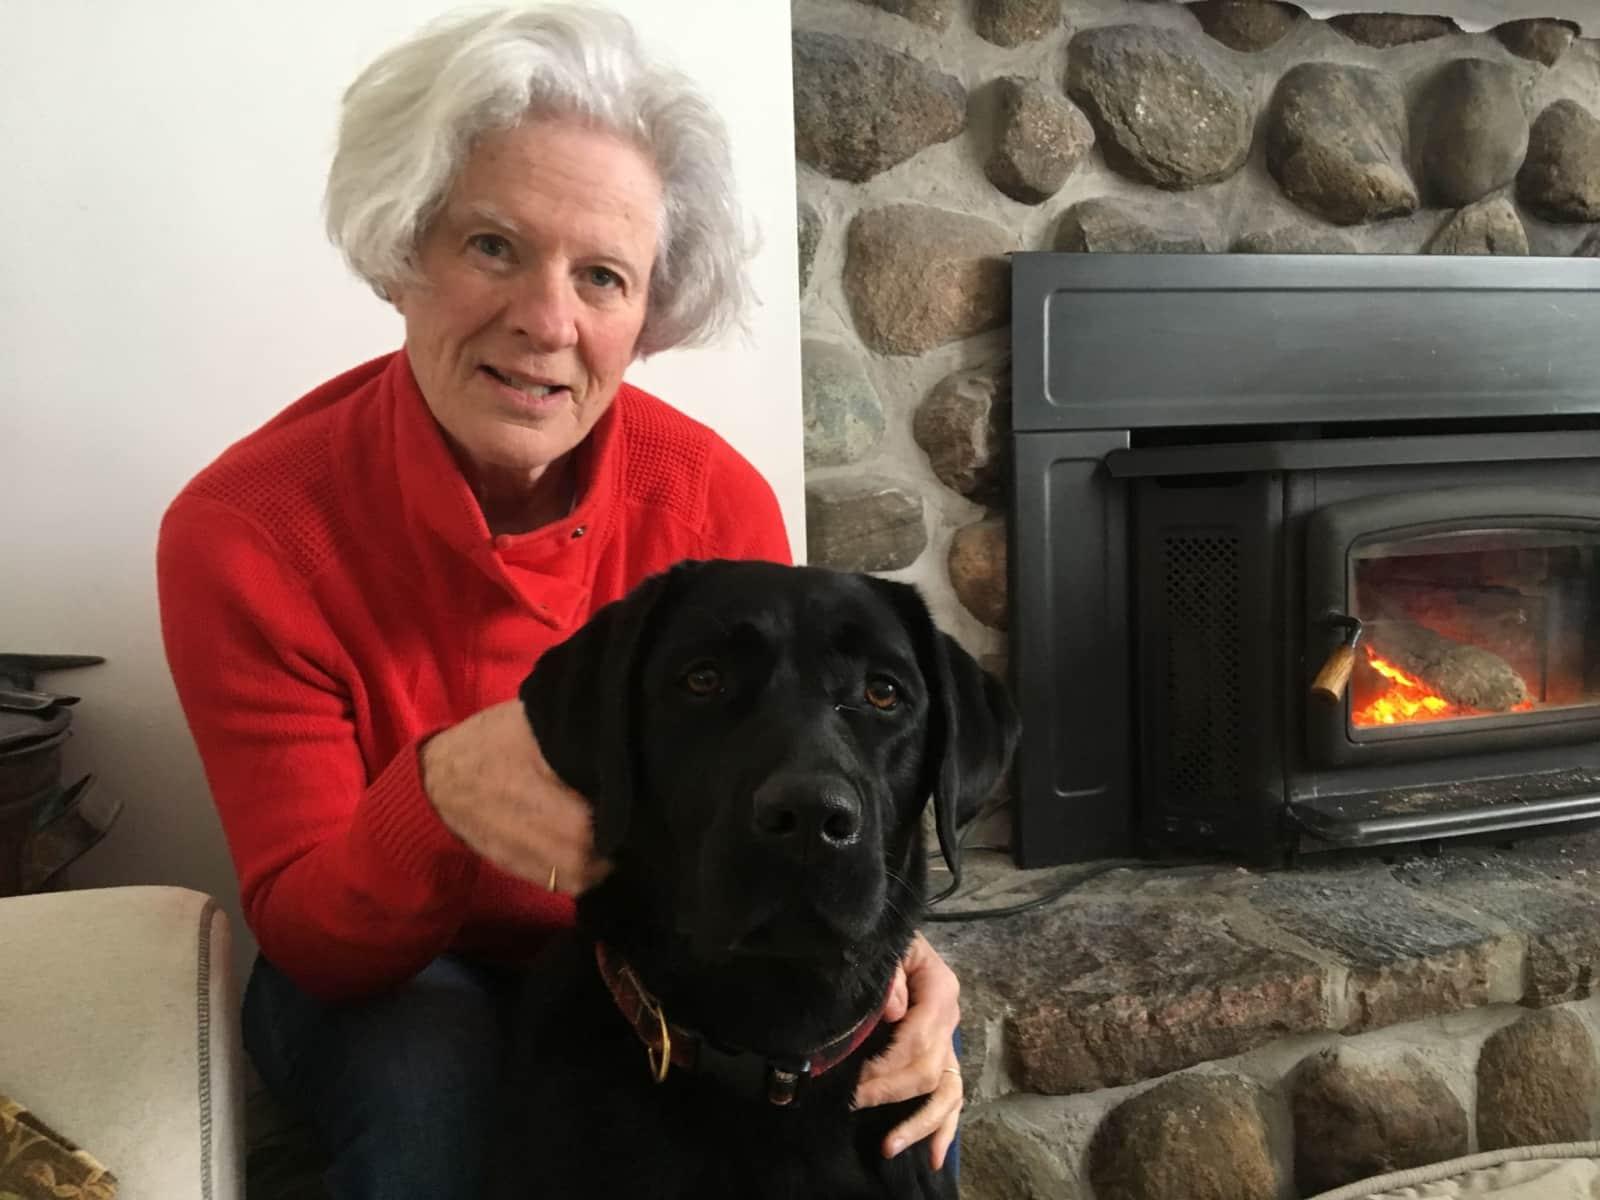 Jill from Horseshoe Valley, Ontario, Canada